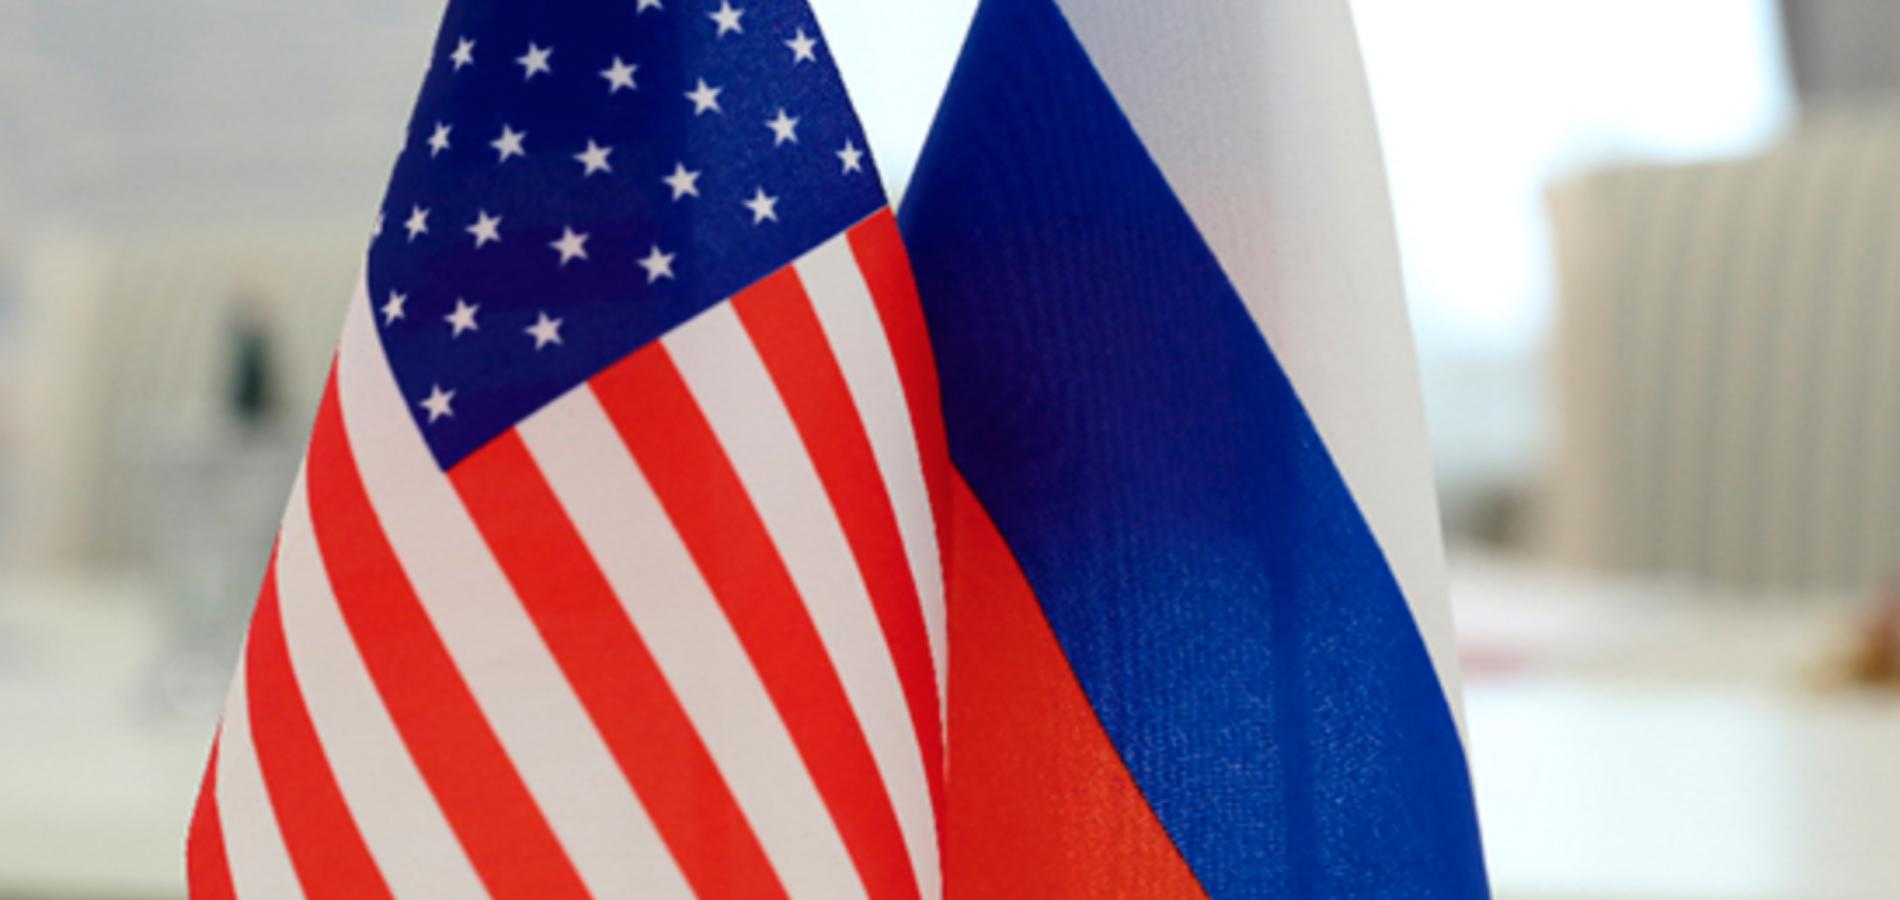 Титов считает, что процесс восстановления деловых связей между РФ и США уже начался